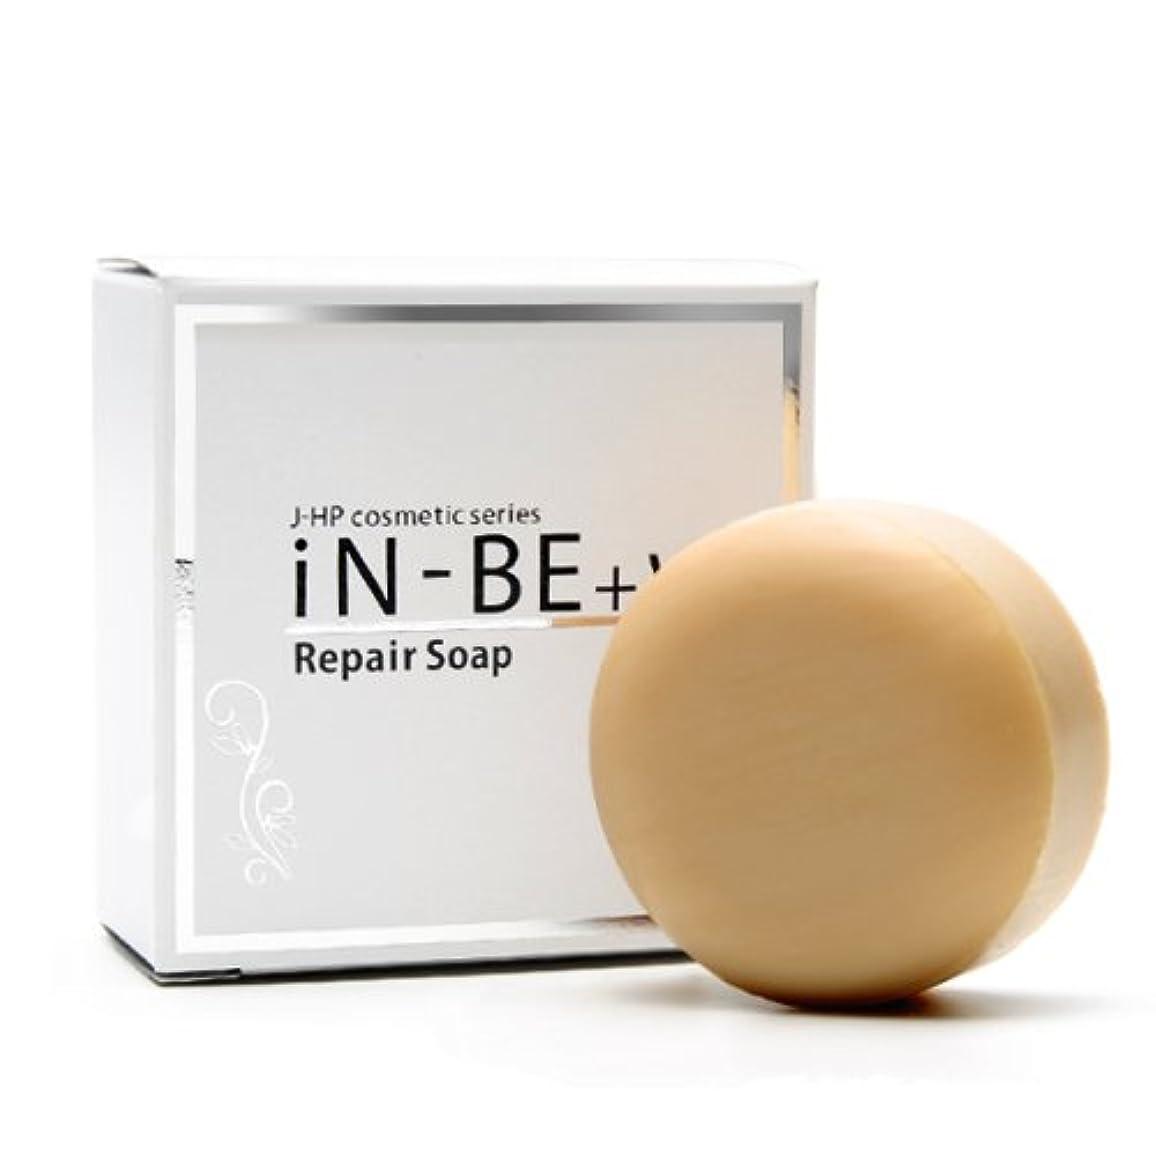 皮評論家傷つきやすいiN-BE RepairSoap インビー リペアソープ